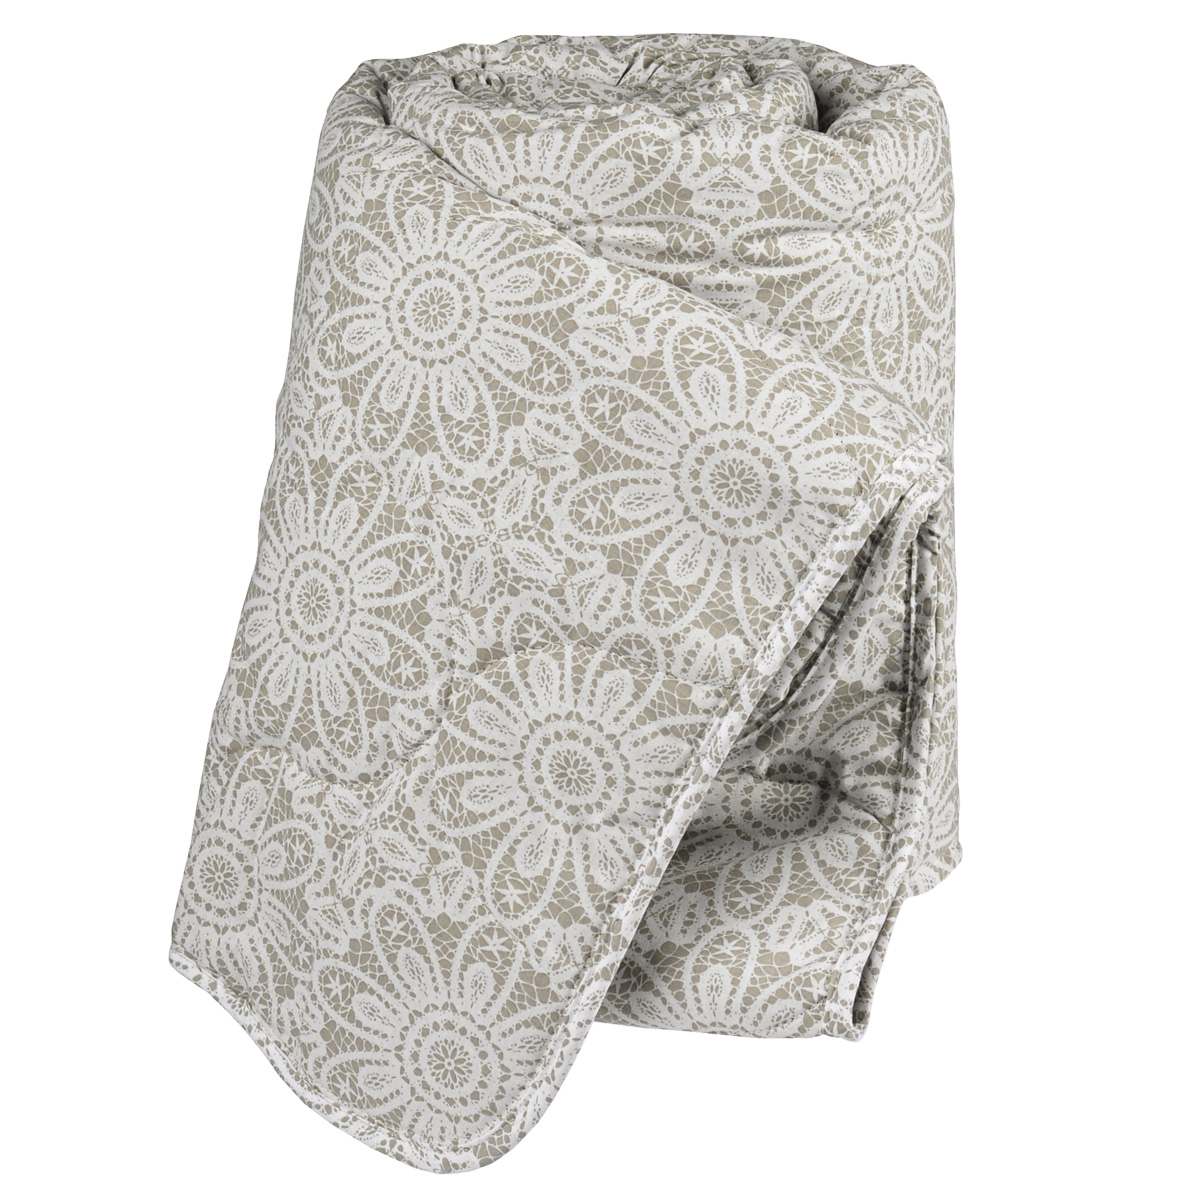 Одеяло Green Line Лен, наполнитель: льняное волокно, 140 см х 205 см187855Мягкое и комфортное одеяло Green Line Лен подарит вам незабываемое чувство уюта и умиротворения. Чехол выполнен из чистого хлопка. Одеяло поможет создать максимально удобные и благоприятные условия для сладкого сна.Преимущества льняного наполнителя: - имеет эффект активного дыхания, - природный антисептик, - холодит в жару и согревает в холод. Лен полезен для здоровья, обладает положительной энергетикой.Не стирать, не гладить. Материал верха: 100% хлопок. Наполнитель: 90% льняное волокно, 10% полиэстер.Масса наполнителя: 300 г/м2.